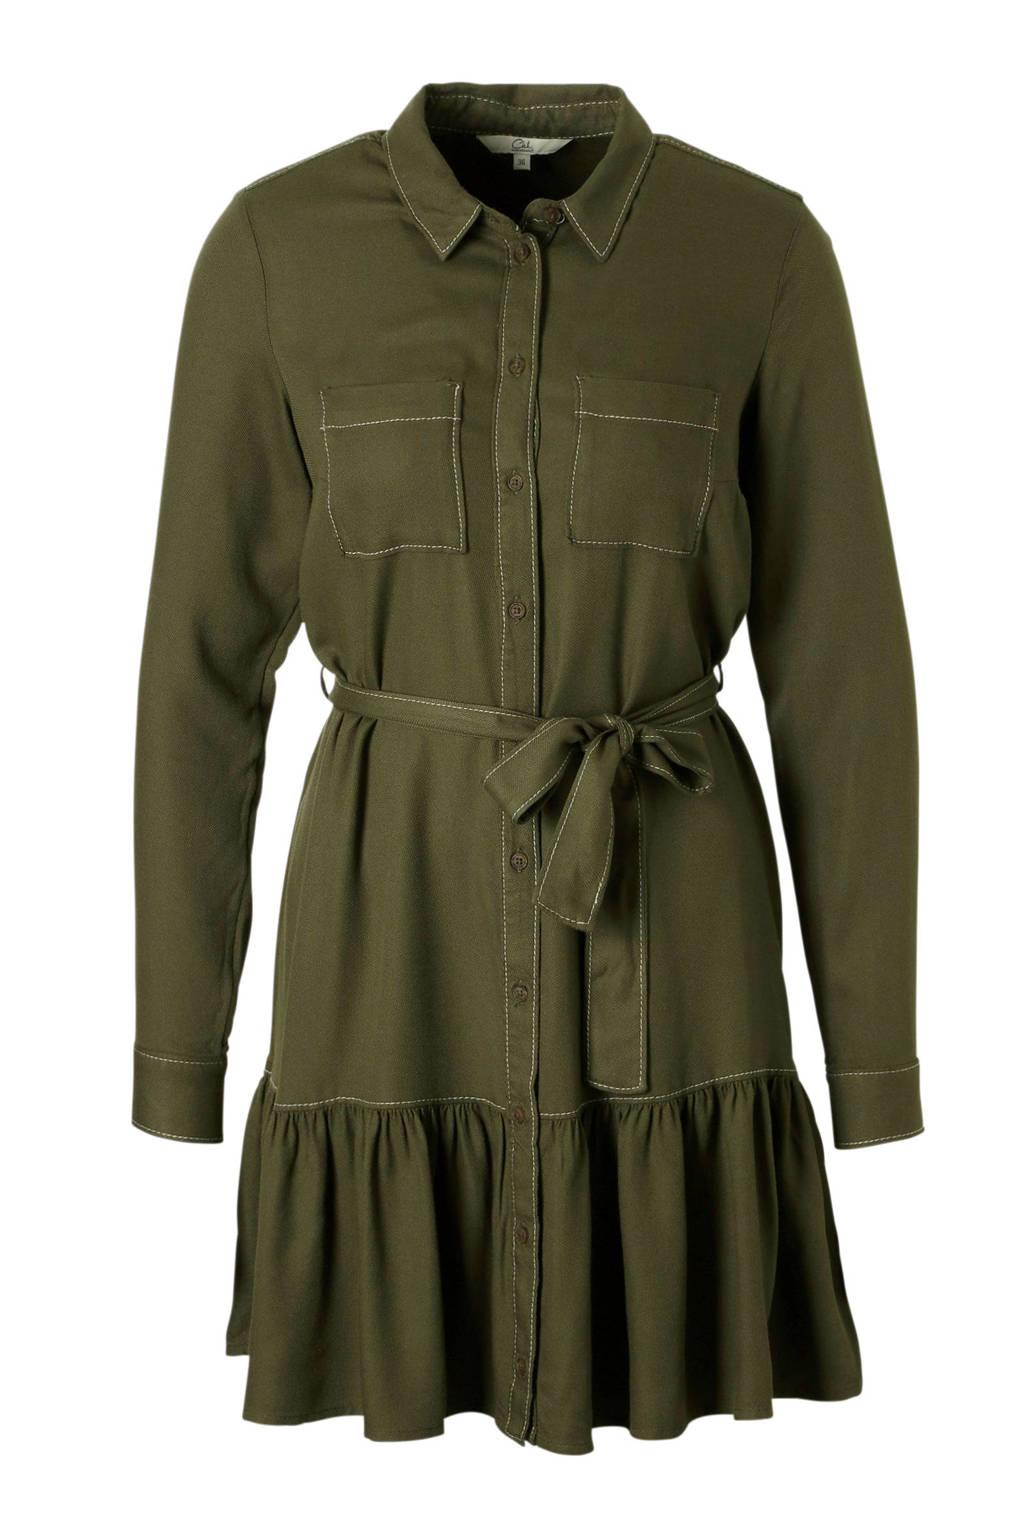 C&A Clockhouse blousejurk groen, Groen